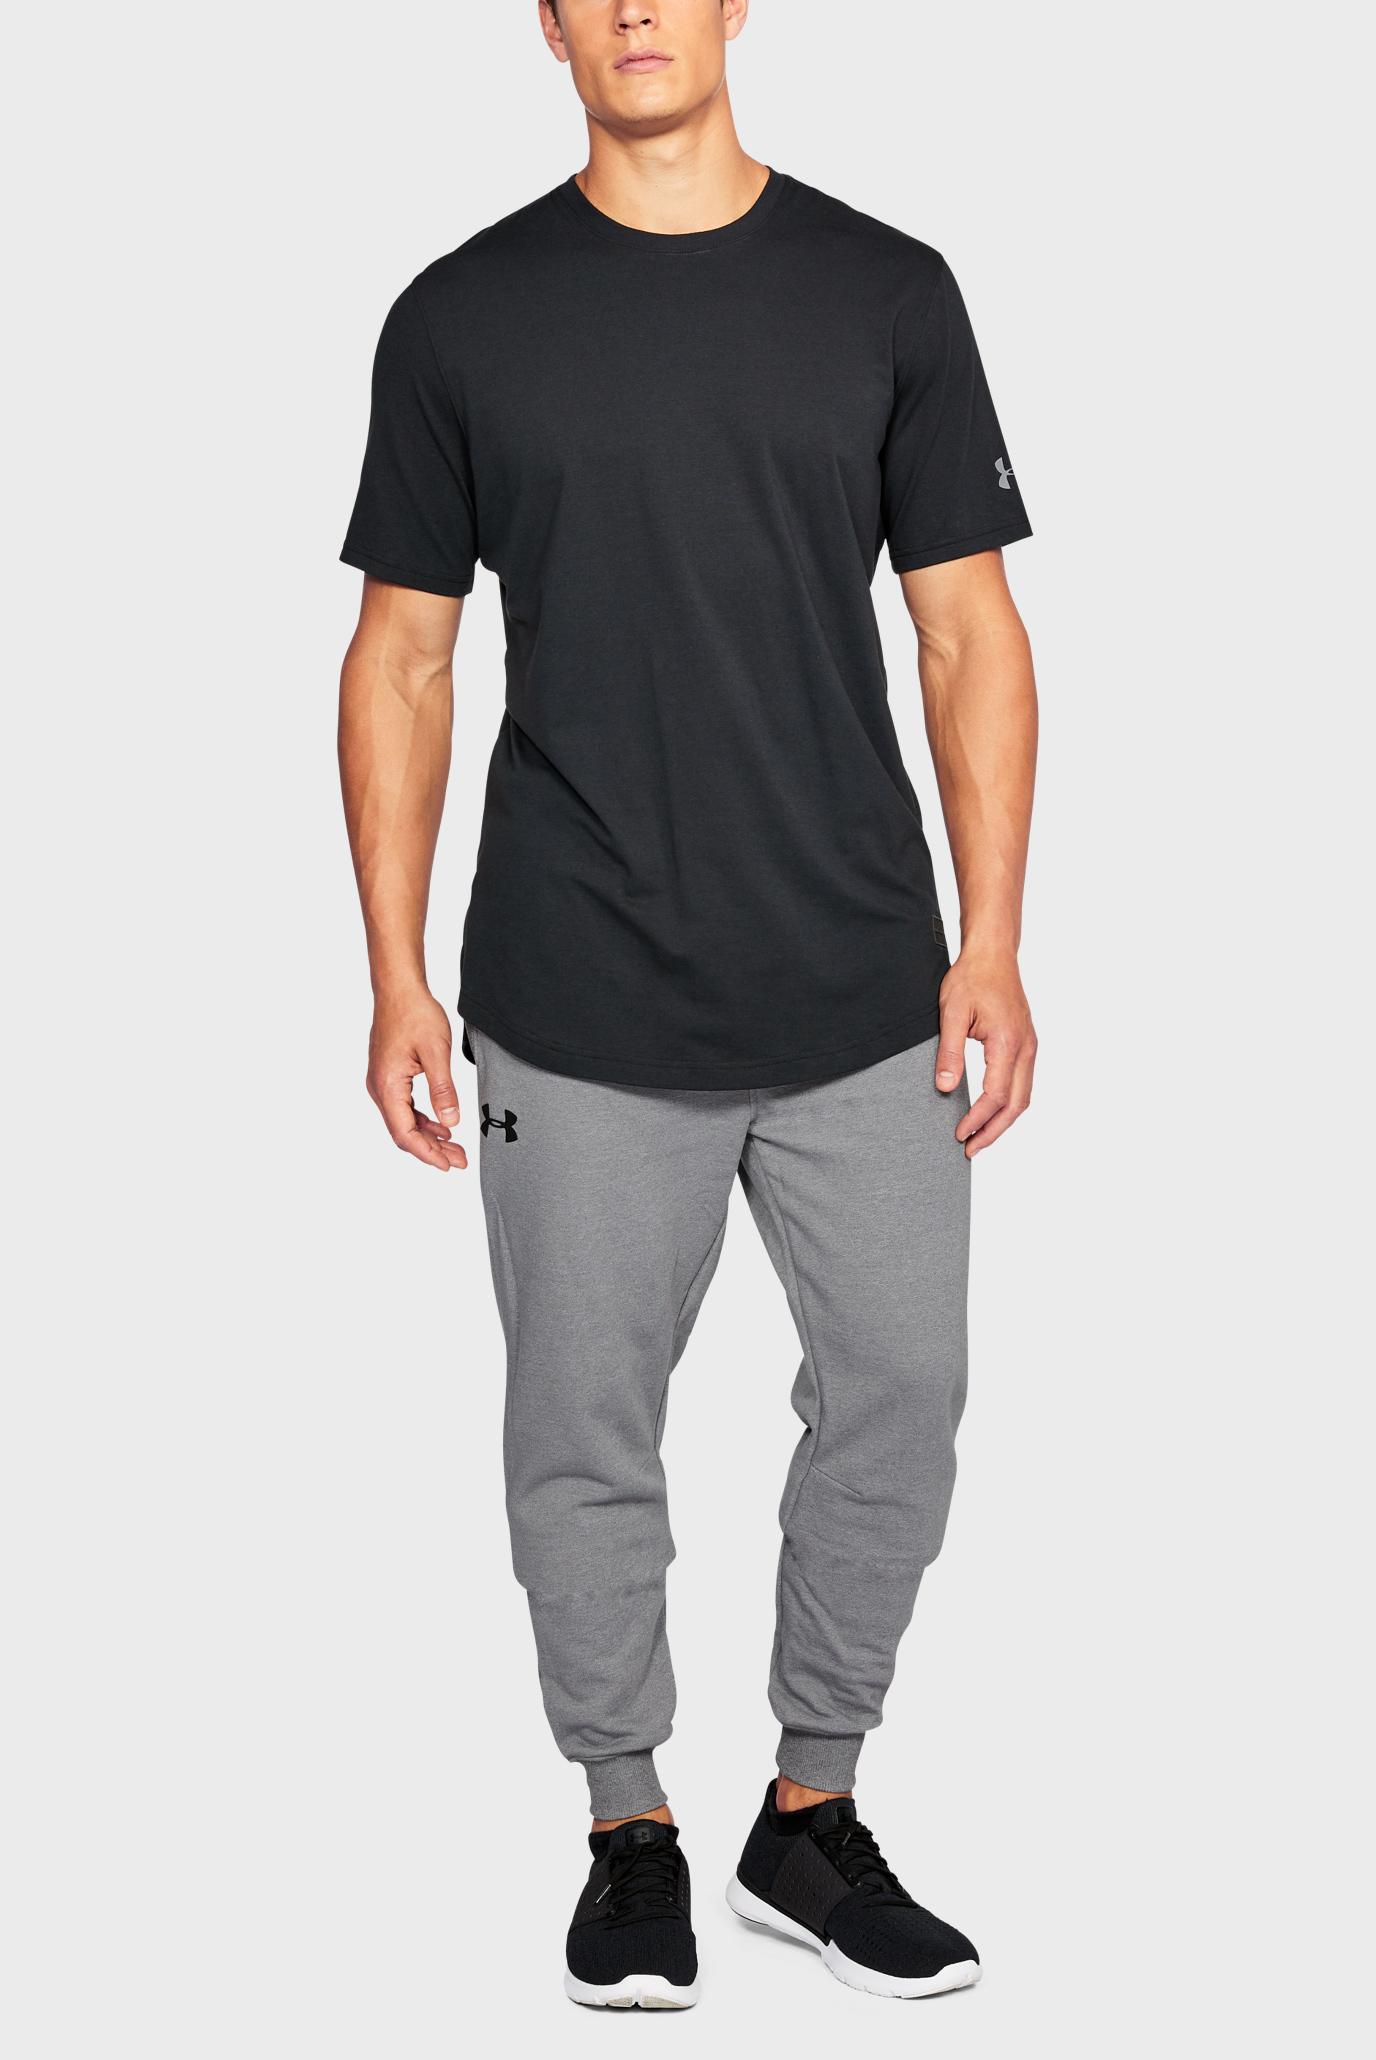 Купить Мужские серые спортивные брюки Threadborne Under Armour Under Armour 1299145-025 – Киев, Украина. Цены в интернет магазине MD Fashion